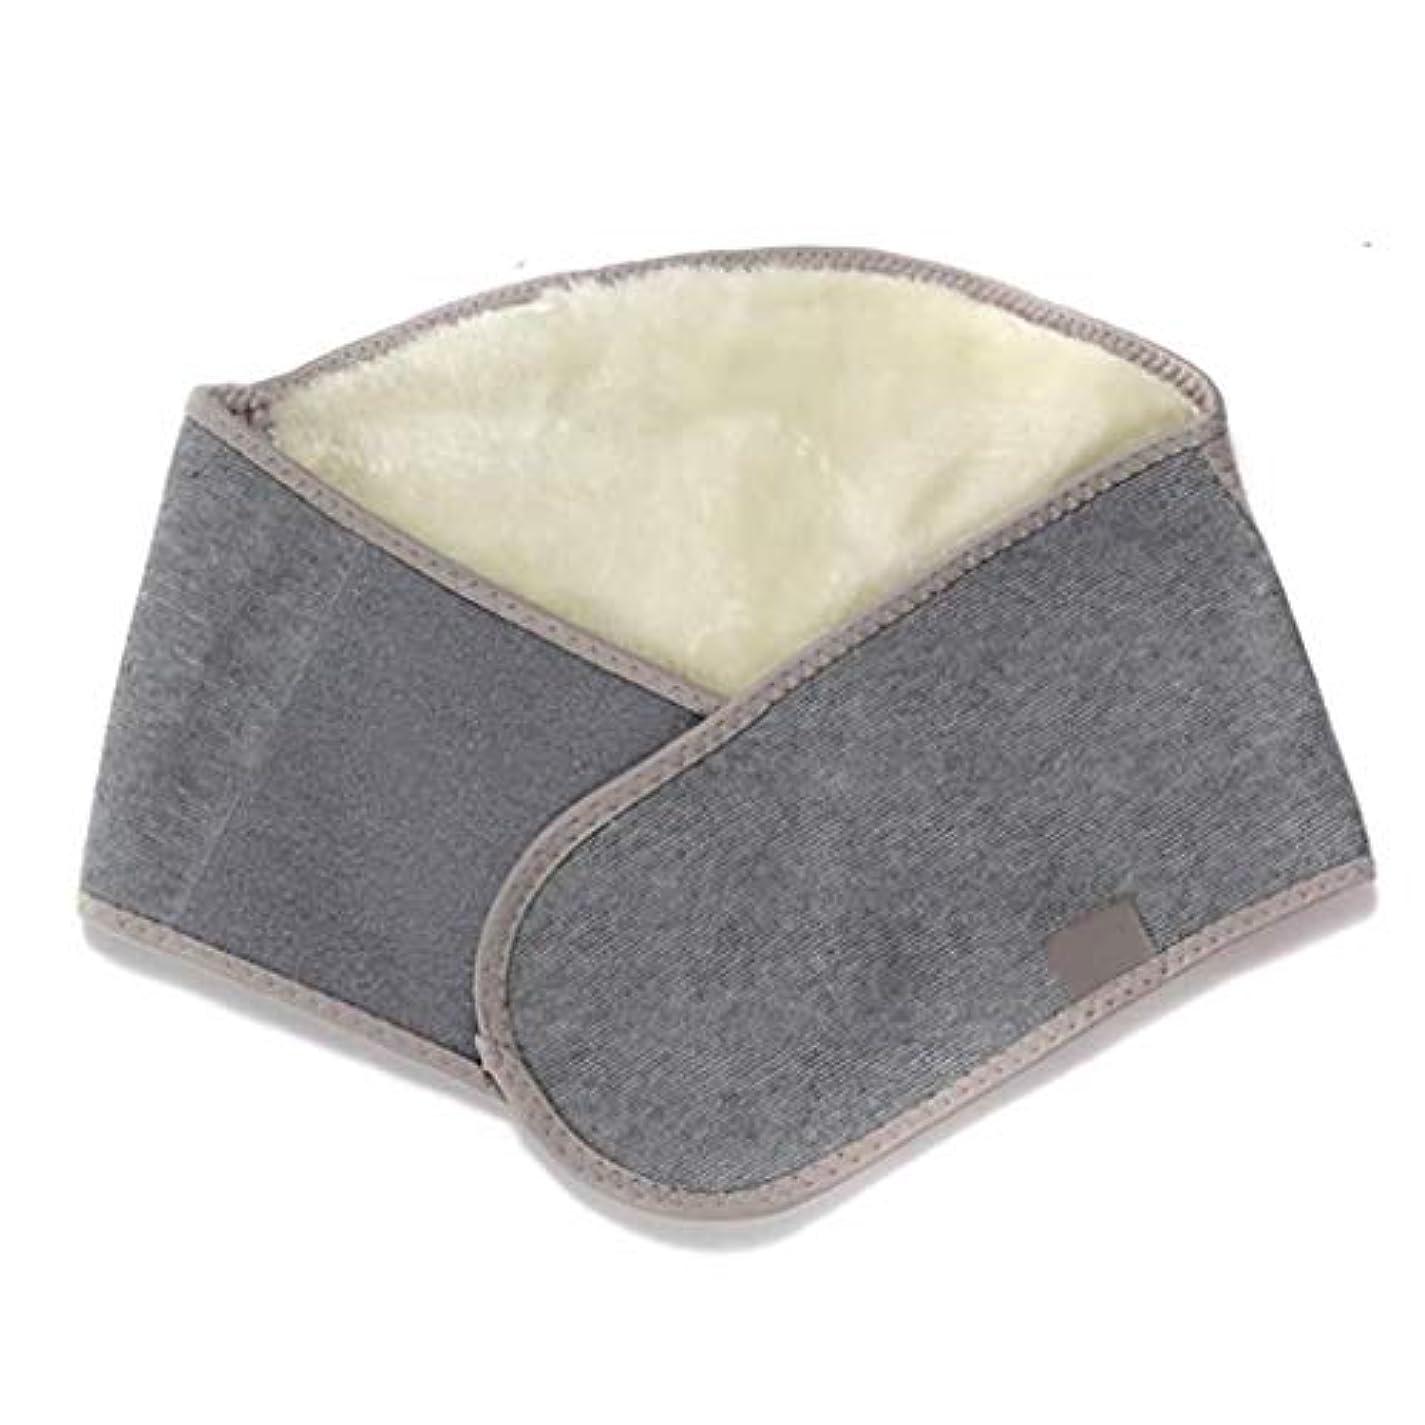 喜んで利益ペイン戻る/腰サポートベルト、竹炭カシミヤベルト背面通気性を温め、痛みや防ぐ傷害を和らげます